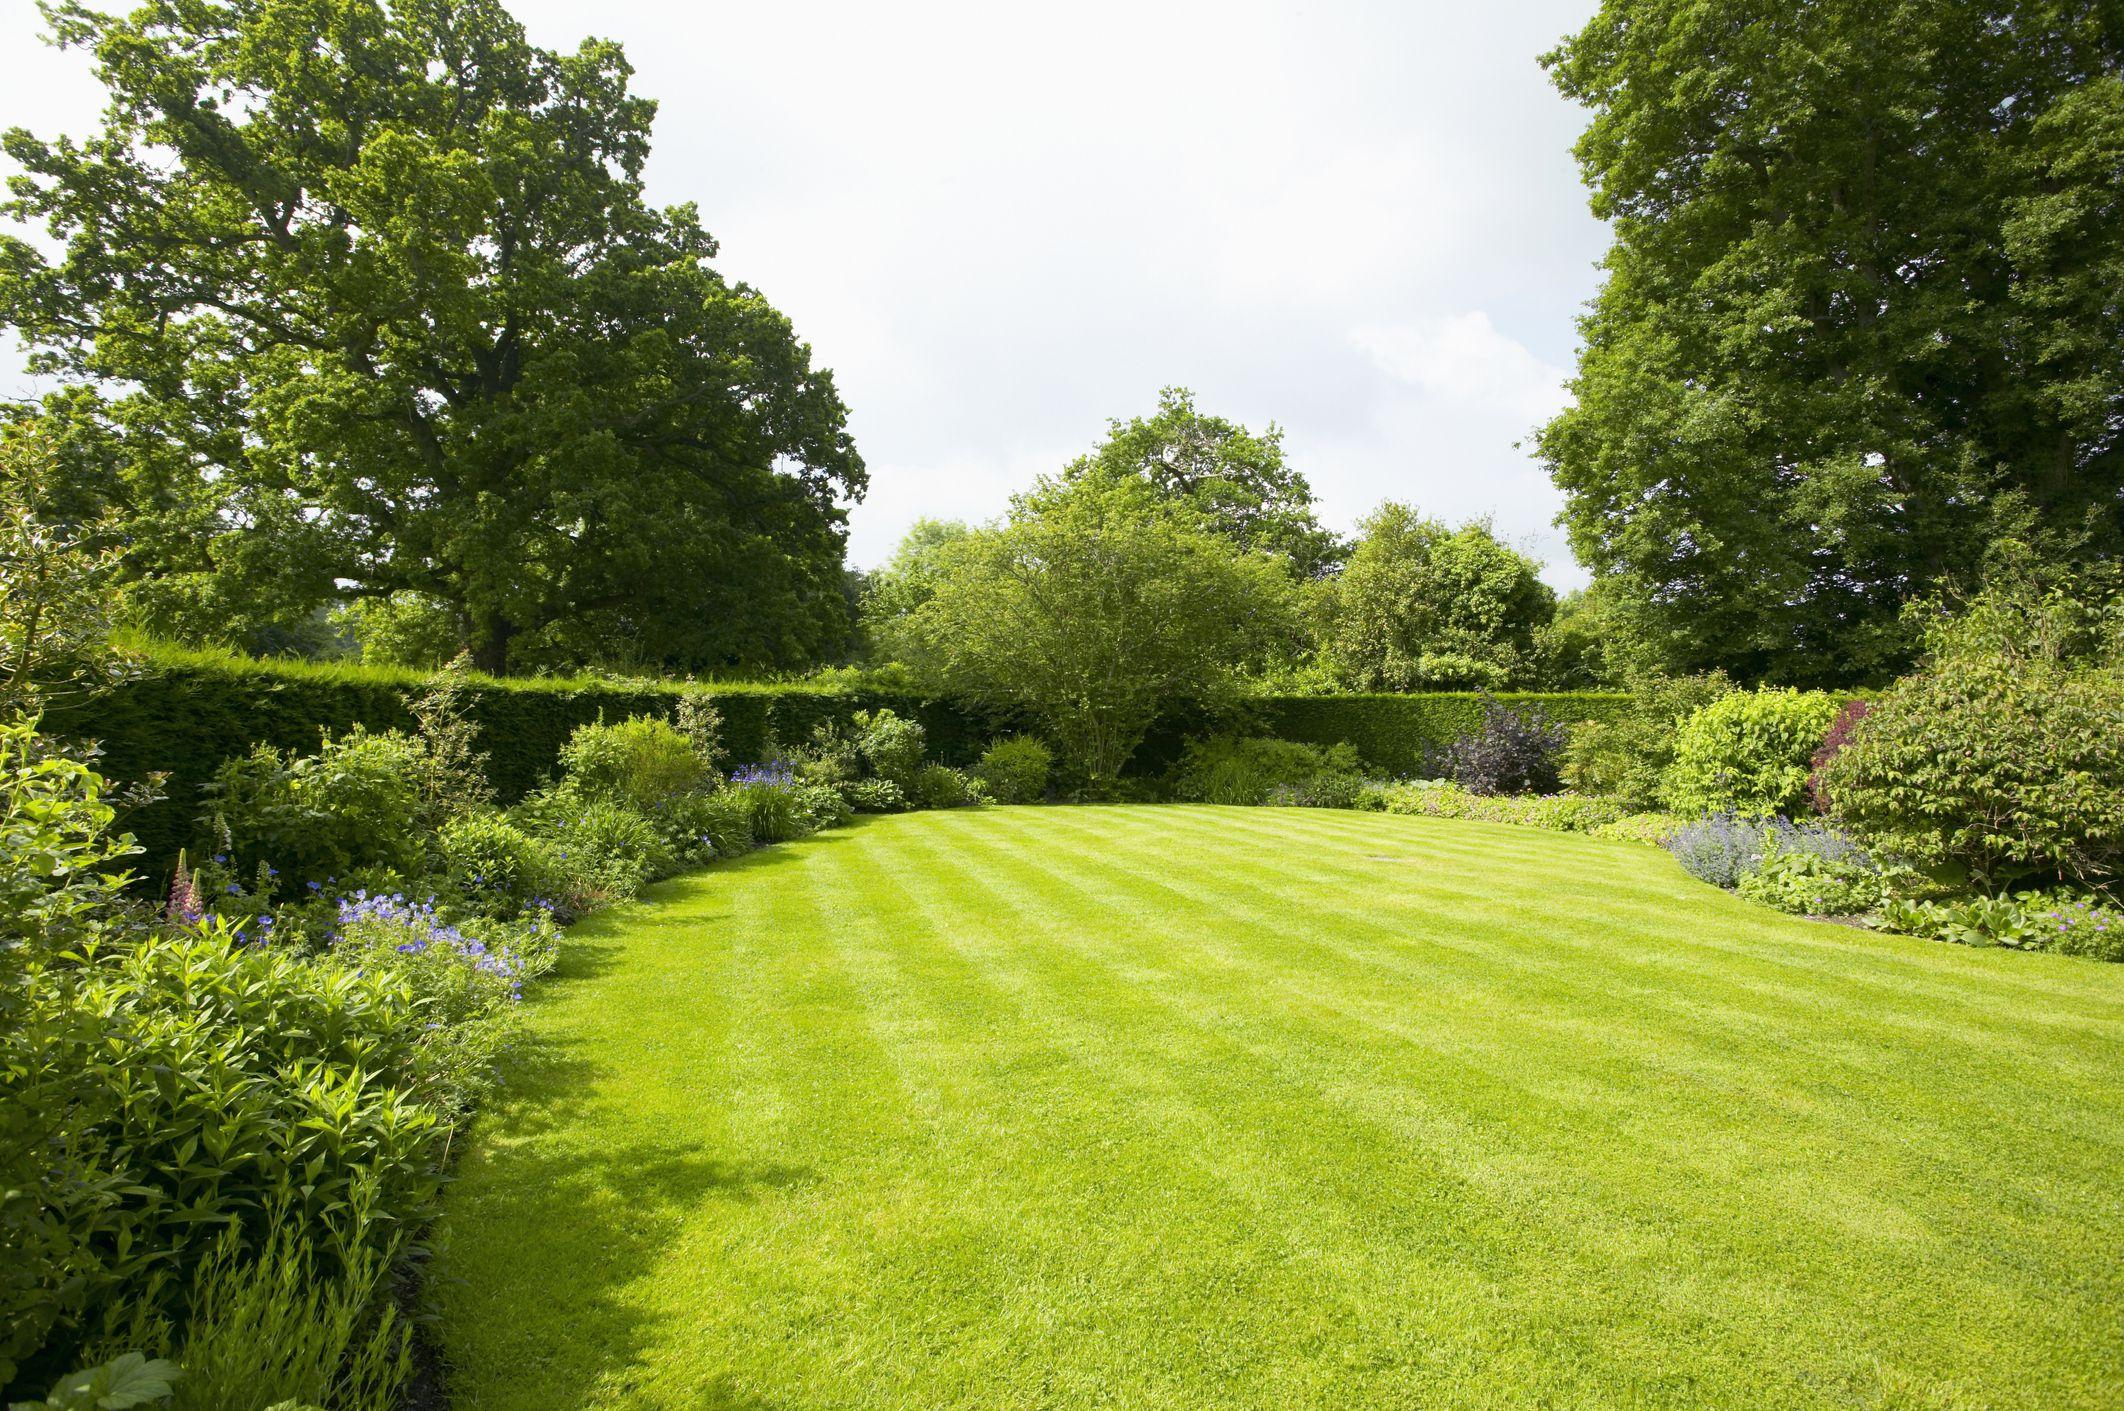 Hình ảnh vườn cỏ xanh đẹp